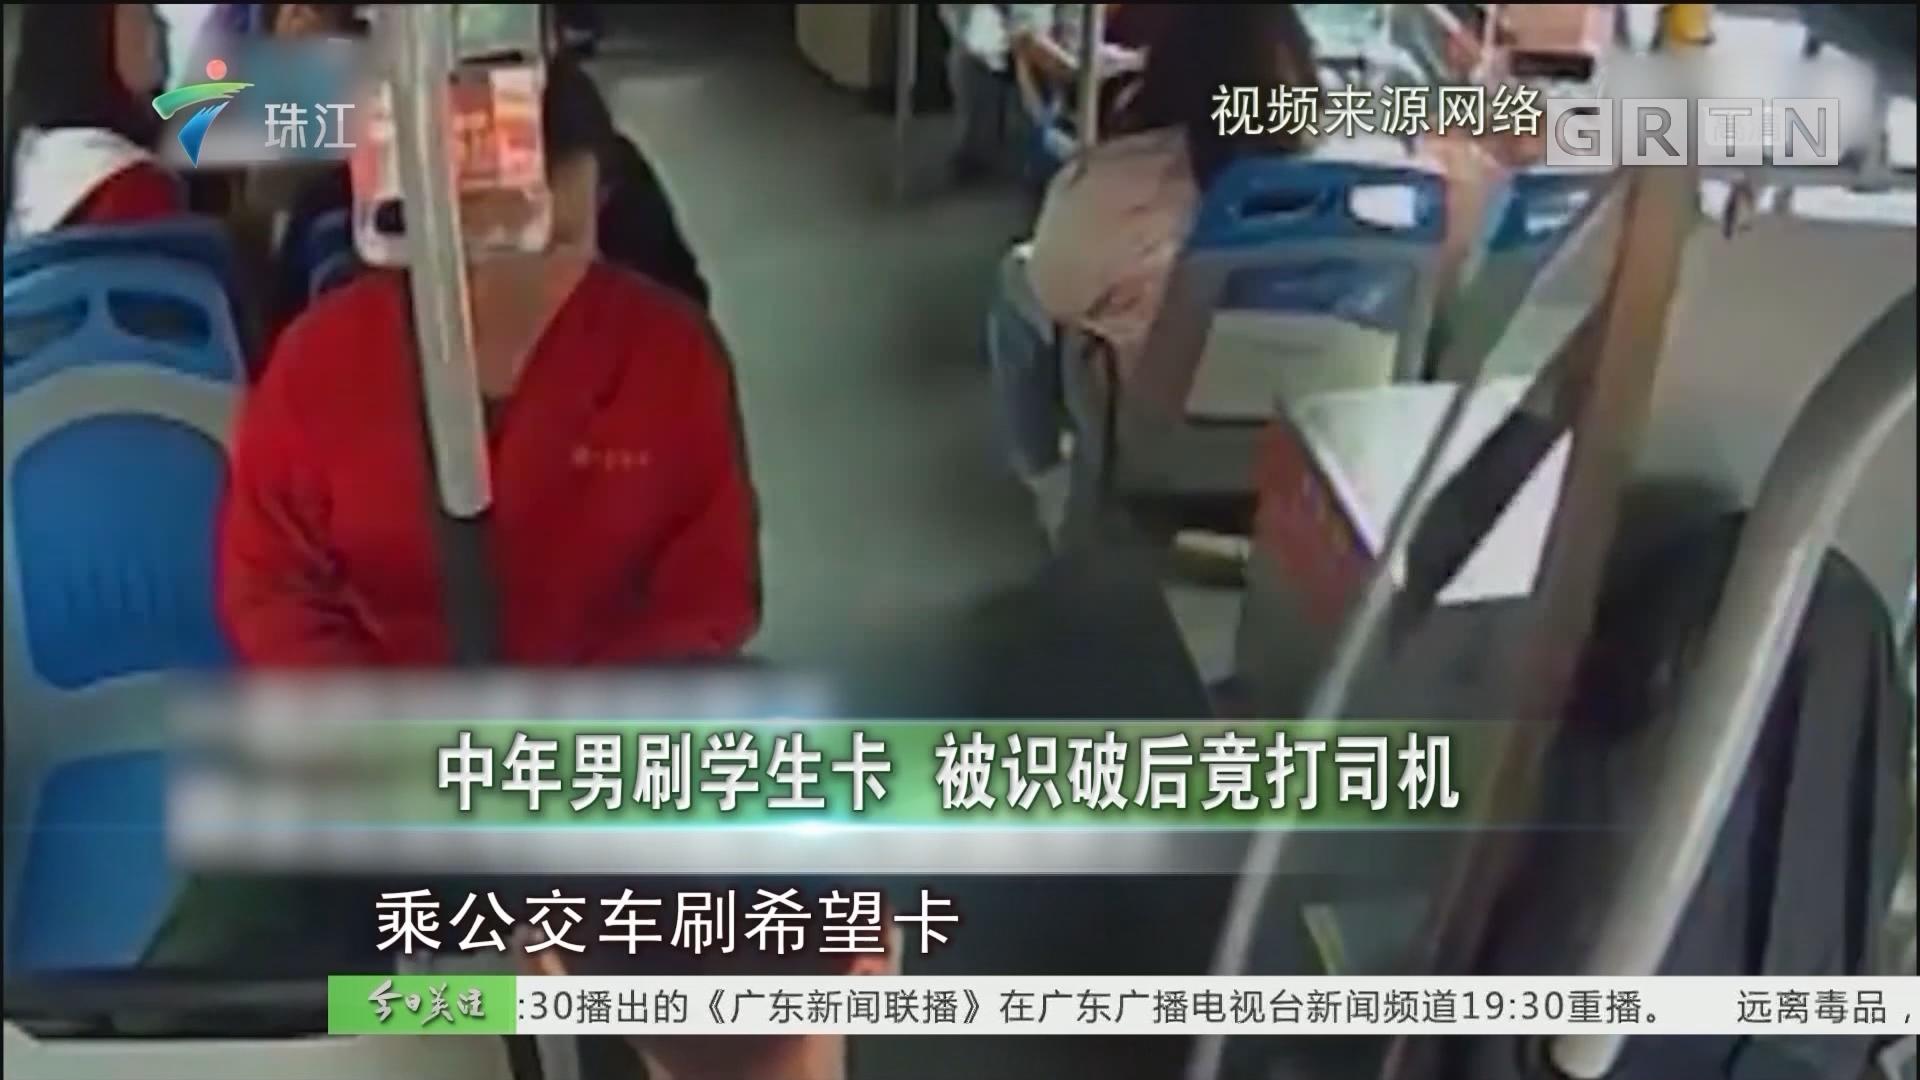 中年男刷学生卡 被识破后竟打司机